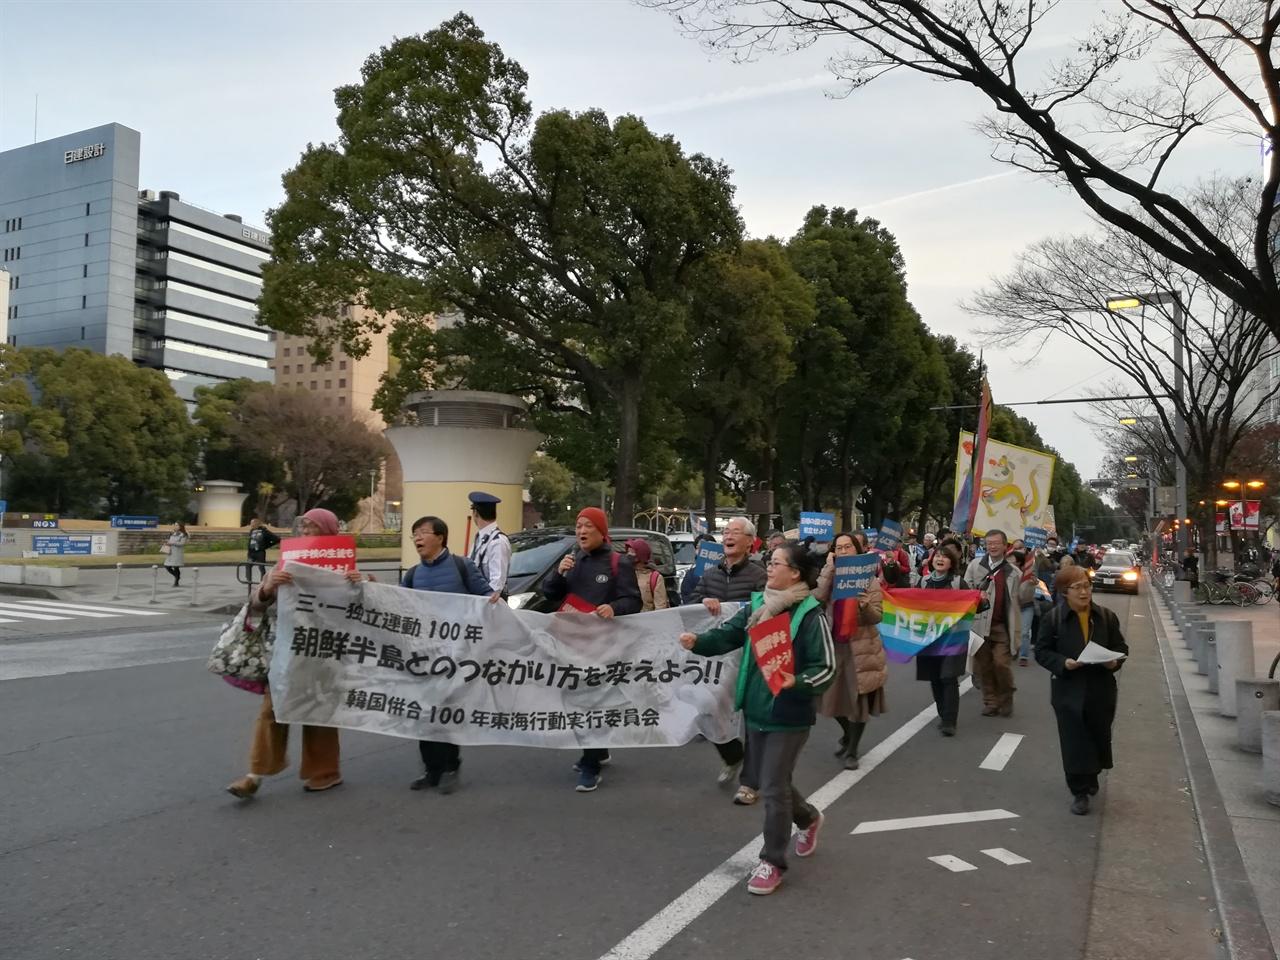 3.1운동 백주년 기념 집회 아리랑 등의 노래를 부르며 행진하는 참가자들